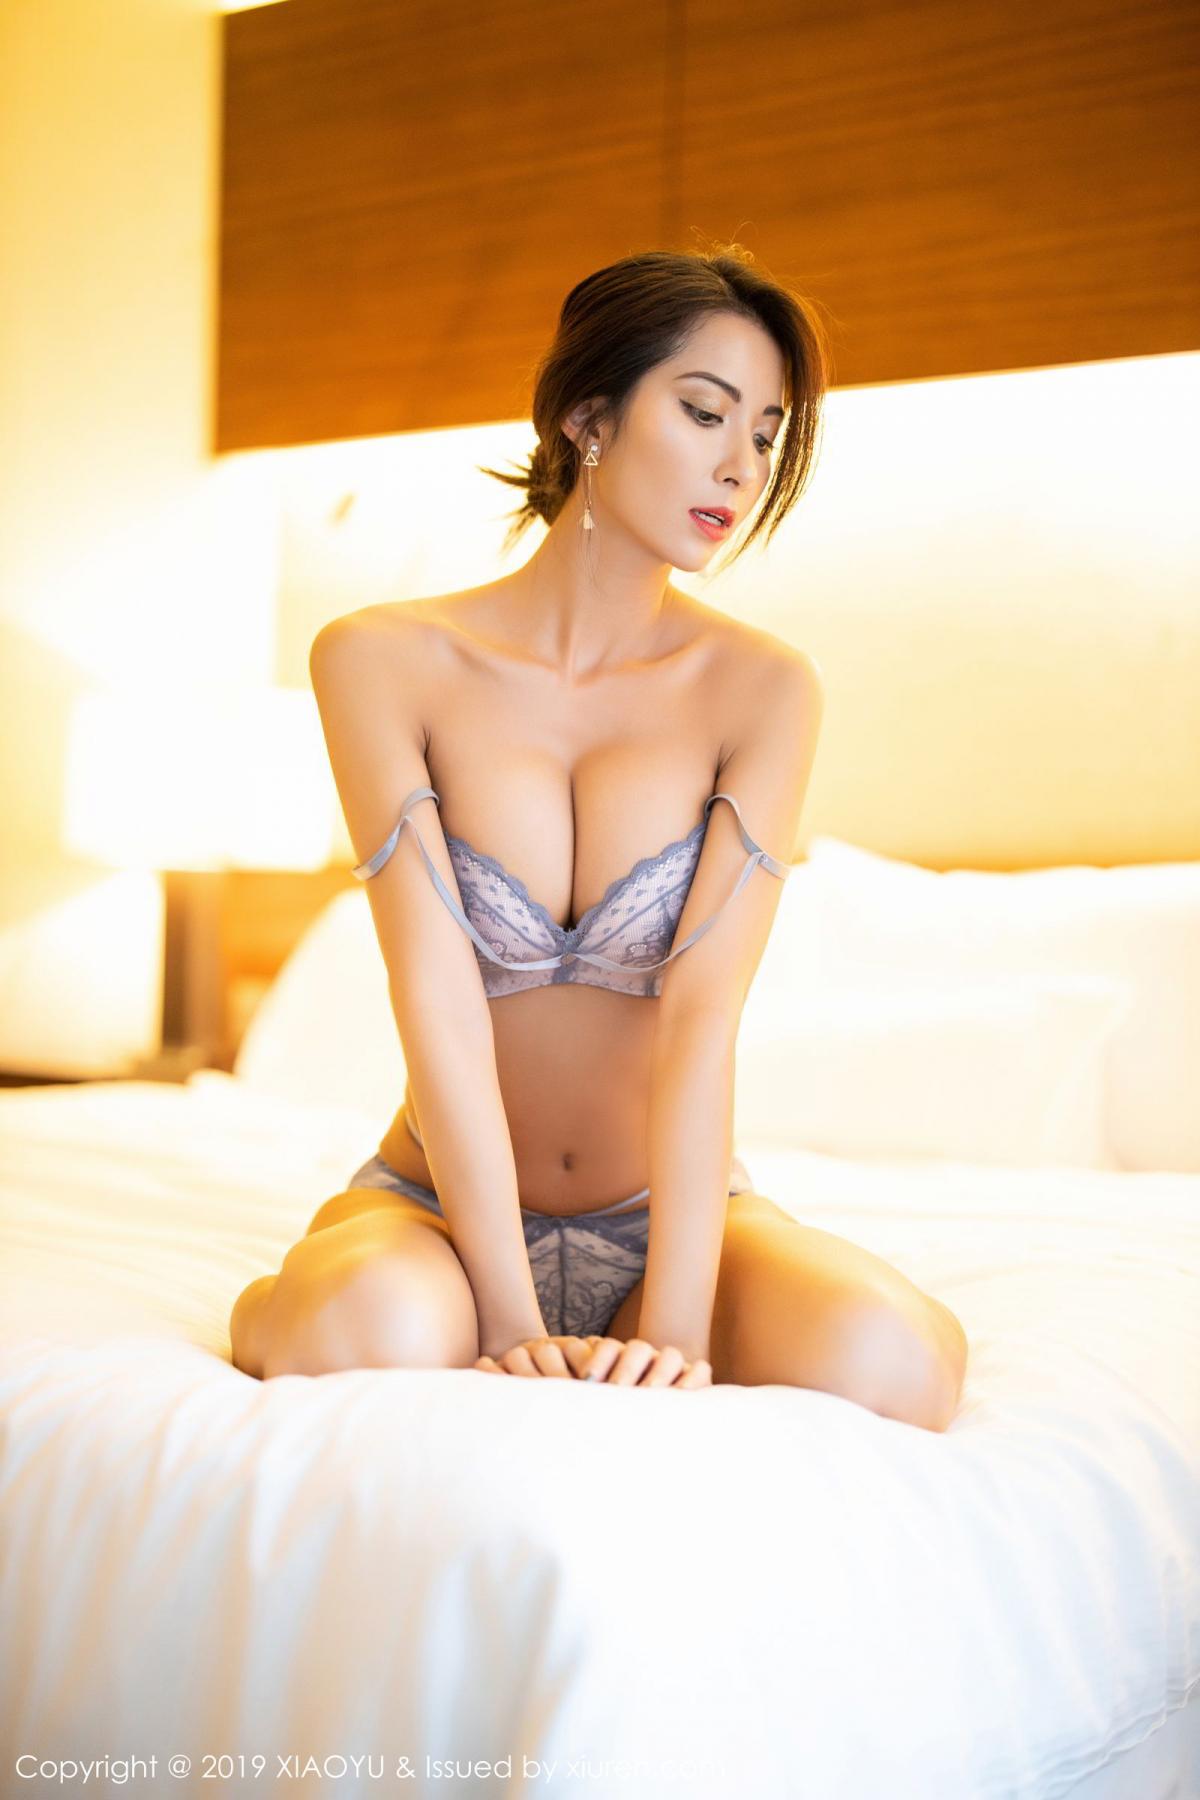 [XiaoYu] Vol.196 Chen Liang Ling 78P, Chen Liang Ling, Cheongsam, Temperament, Underwear, XiaoYu